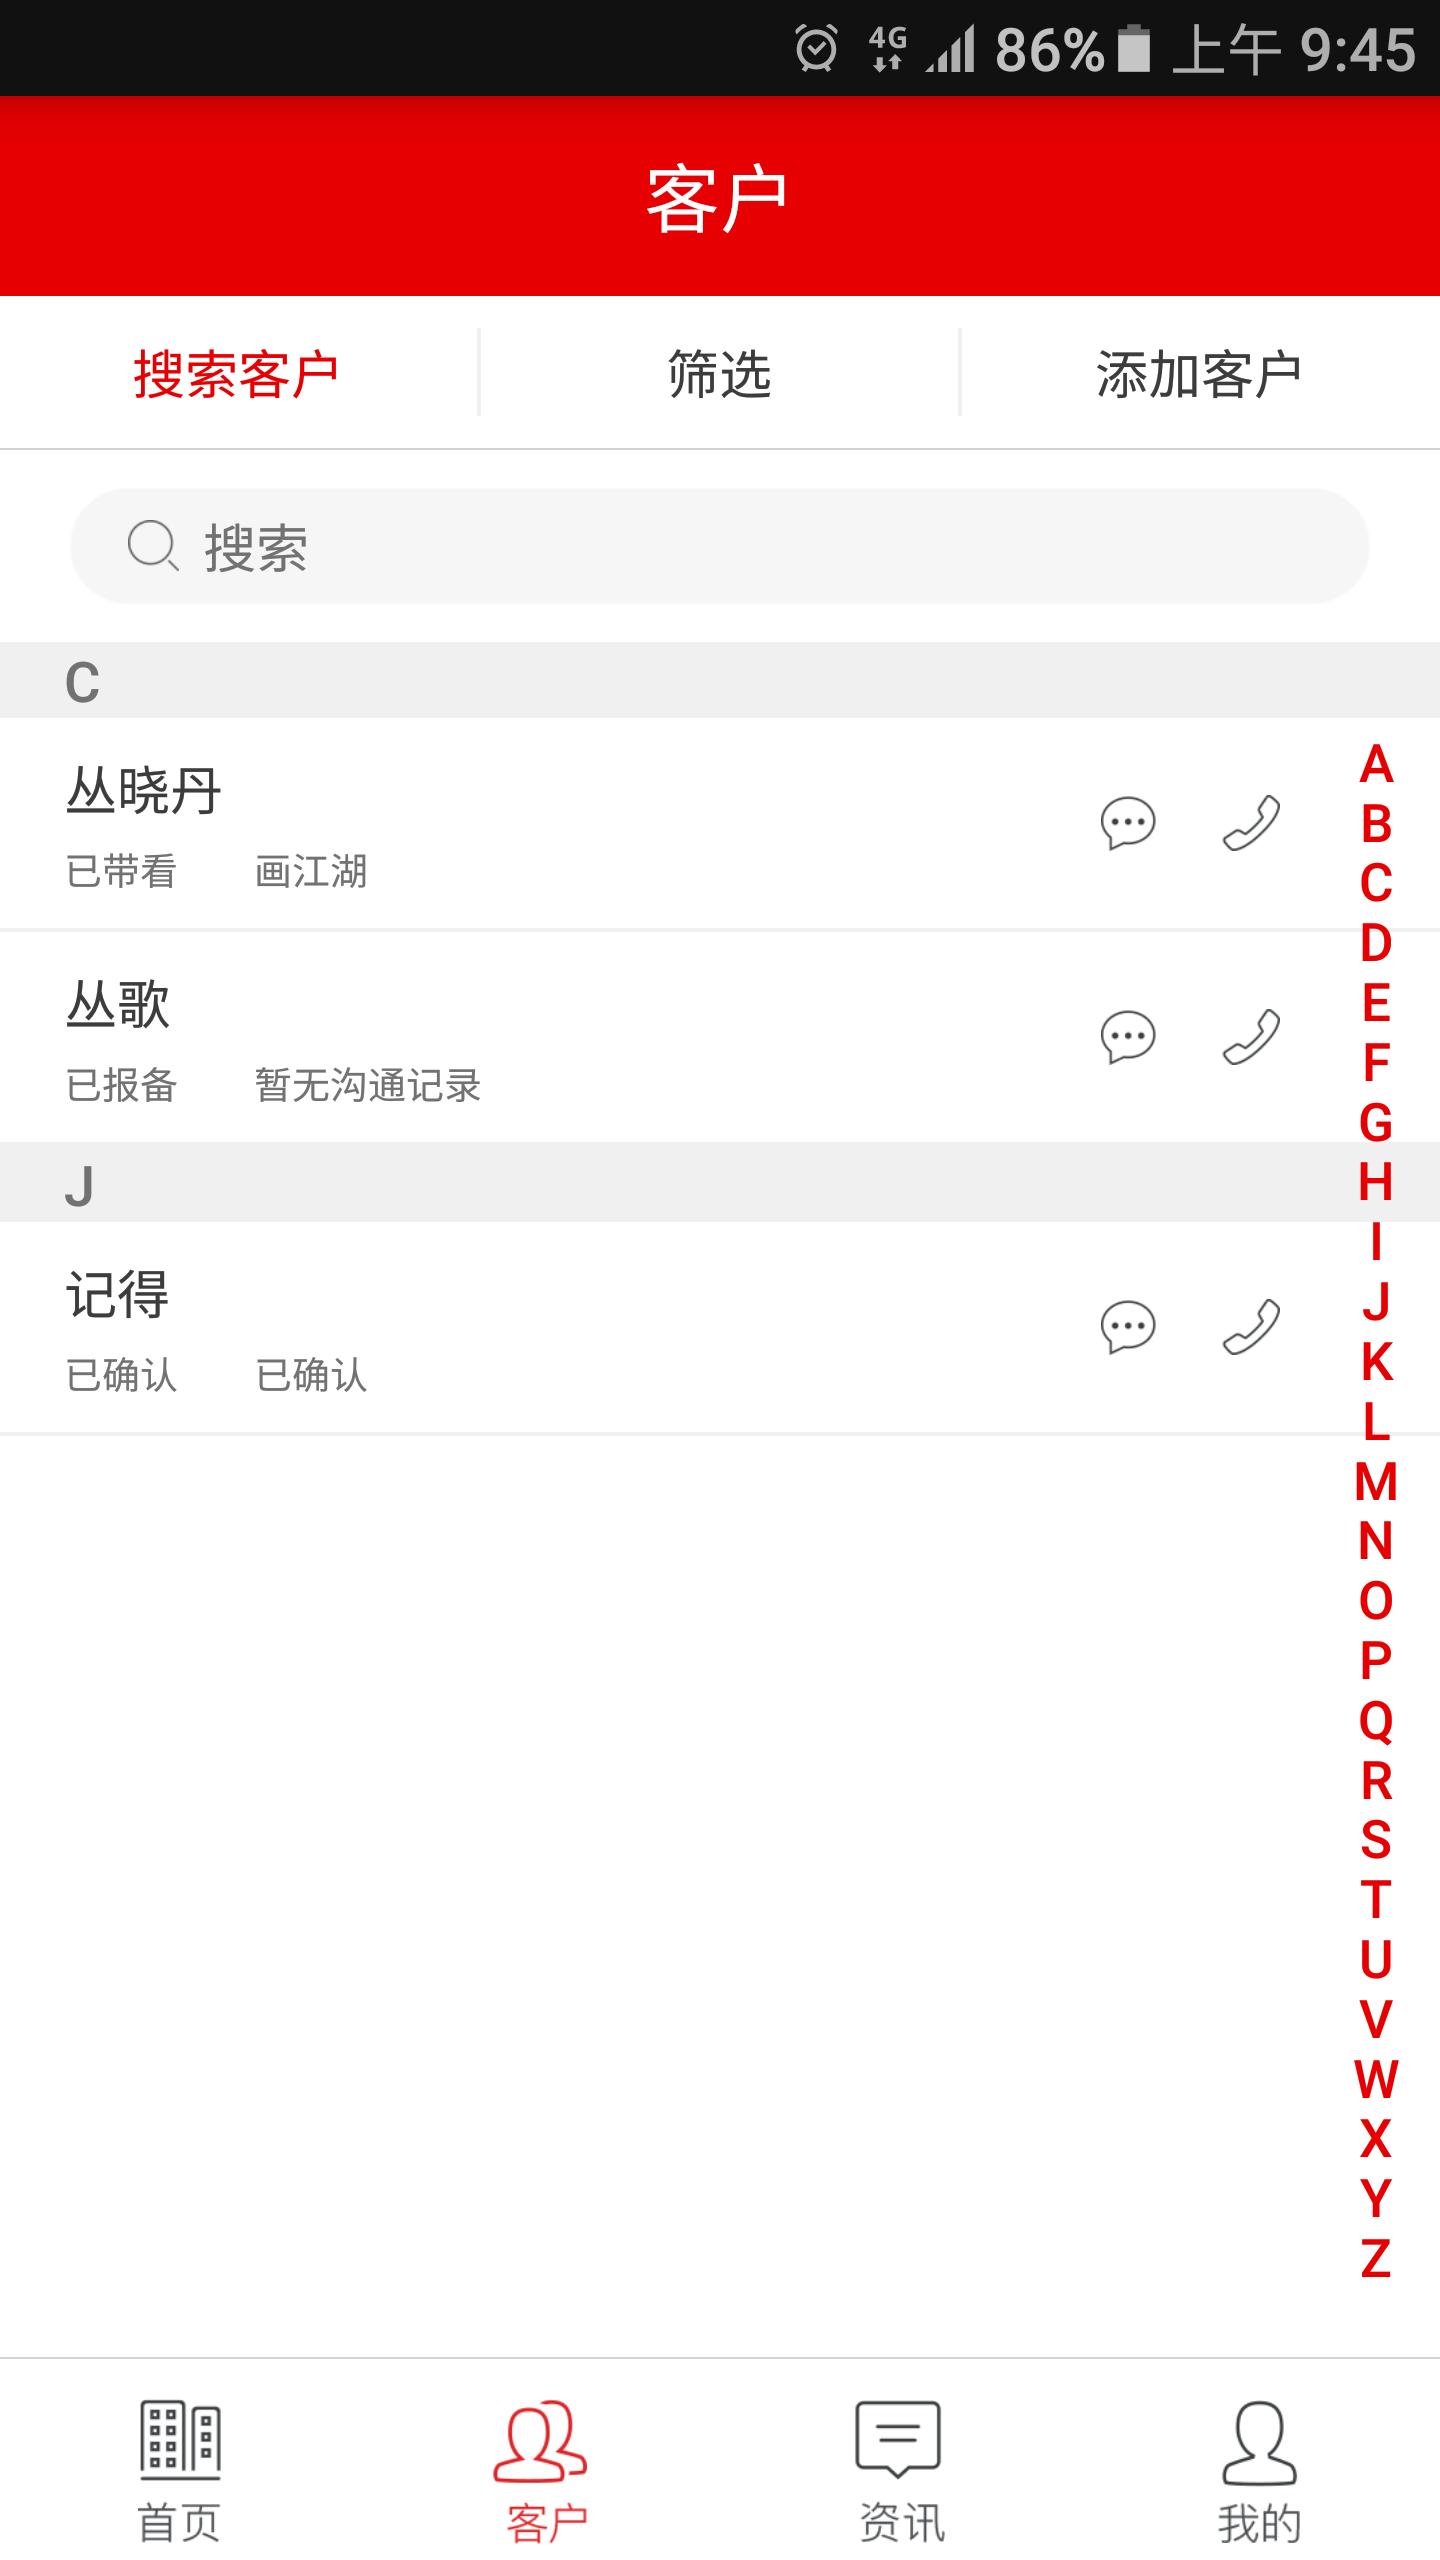 透明售房网成都app 杭州透明售房网官网网址